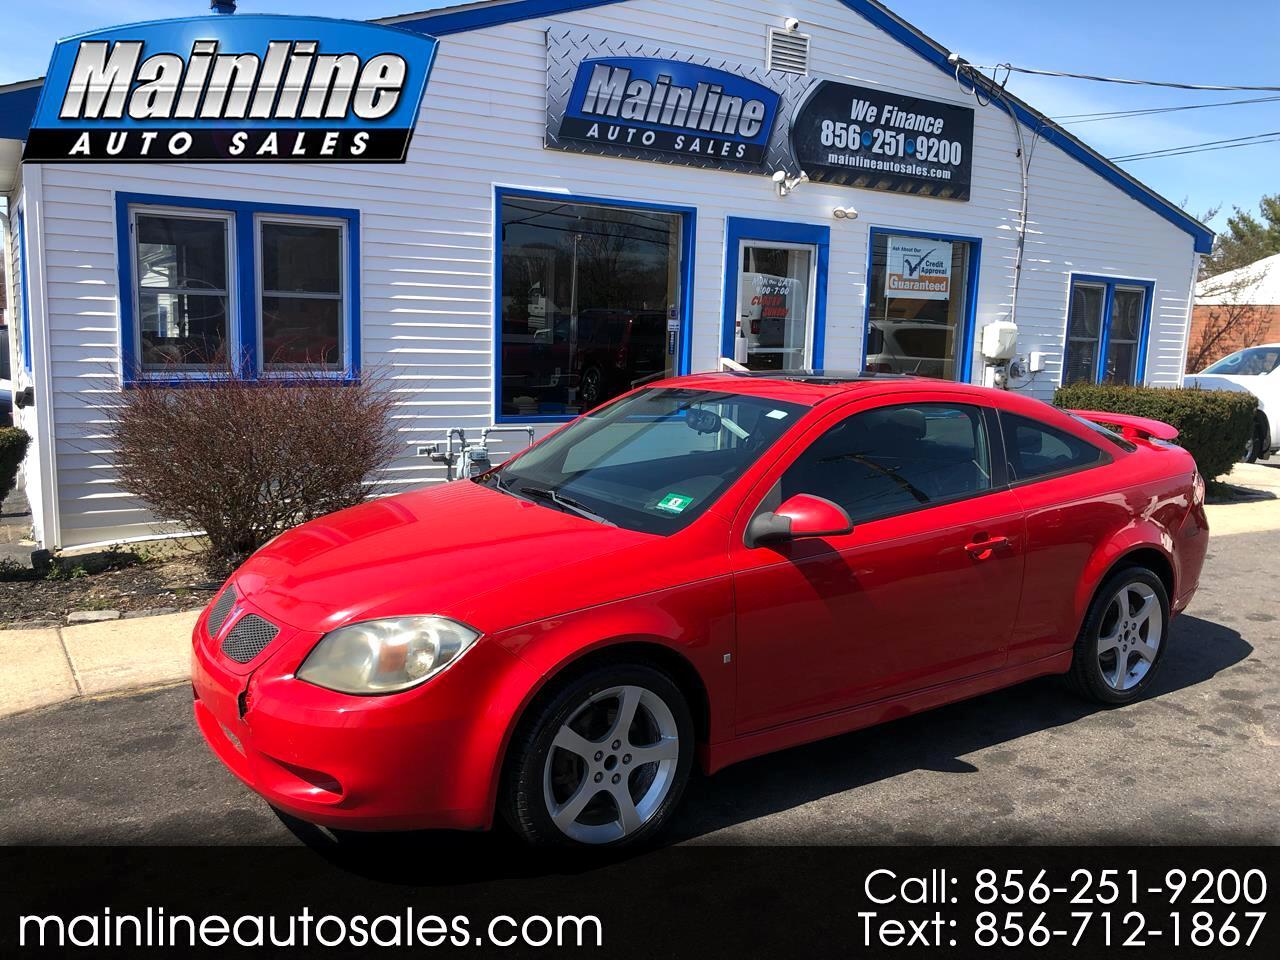 2008 Pontiac G5 2dr Cpe GT